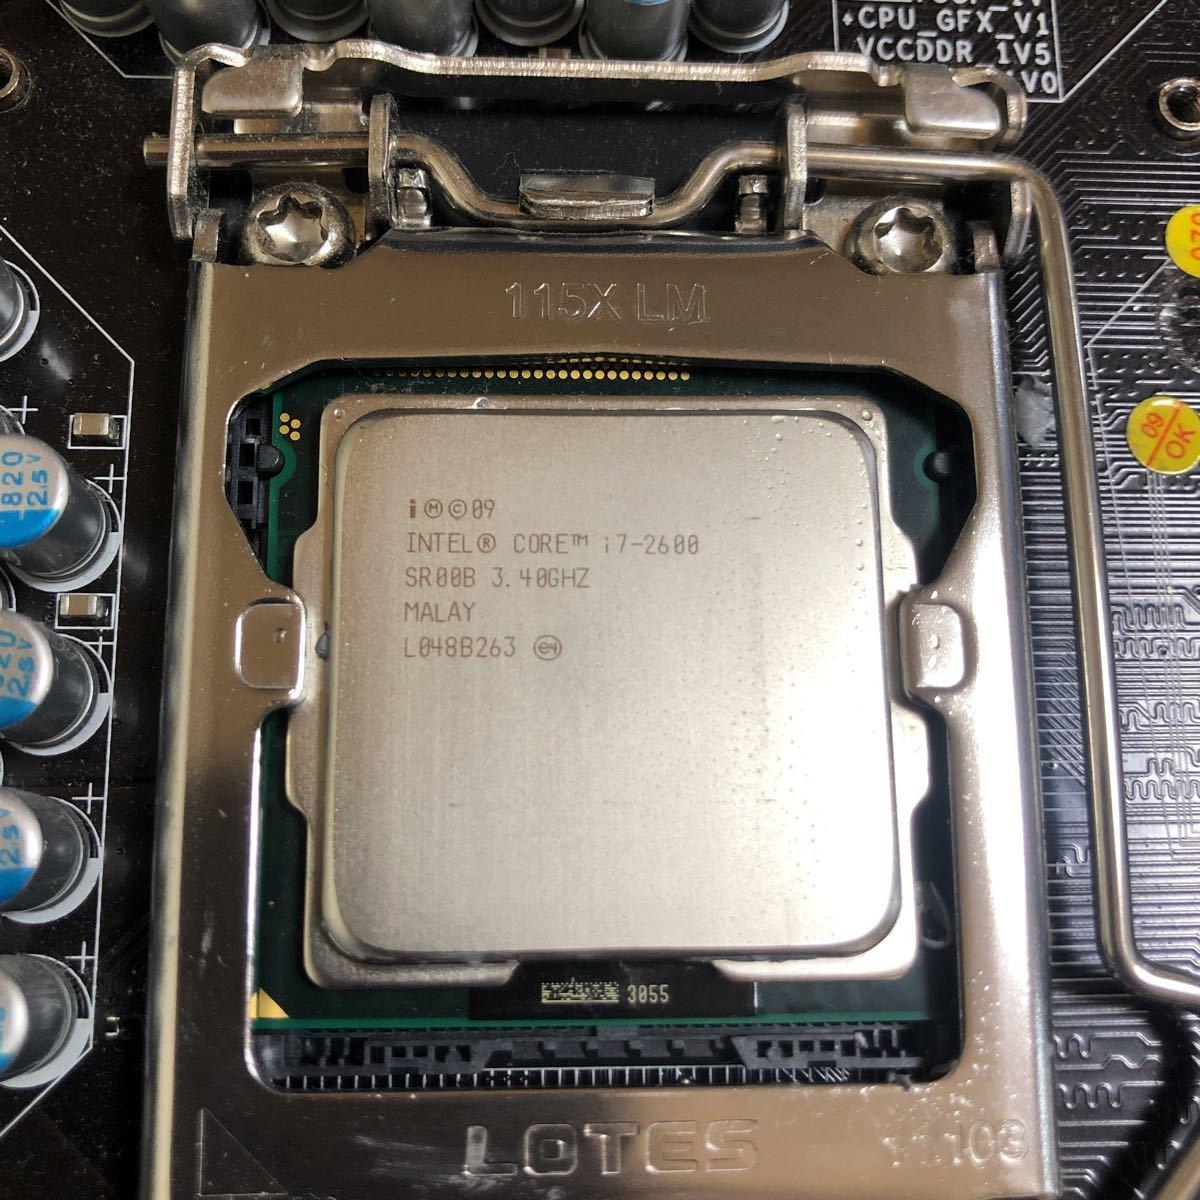 МОЩНЫЙ ТОПОВЫЙ 4ехЯДЕРНИК s1155 Intel Core i7-2600 3,4 Ghz ( TurboBOOST - 3.8 GHz ) 4 ЯДРА / 8 ПОТОКОВ